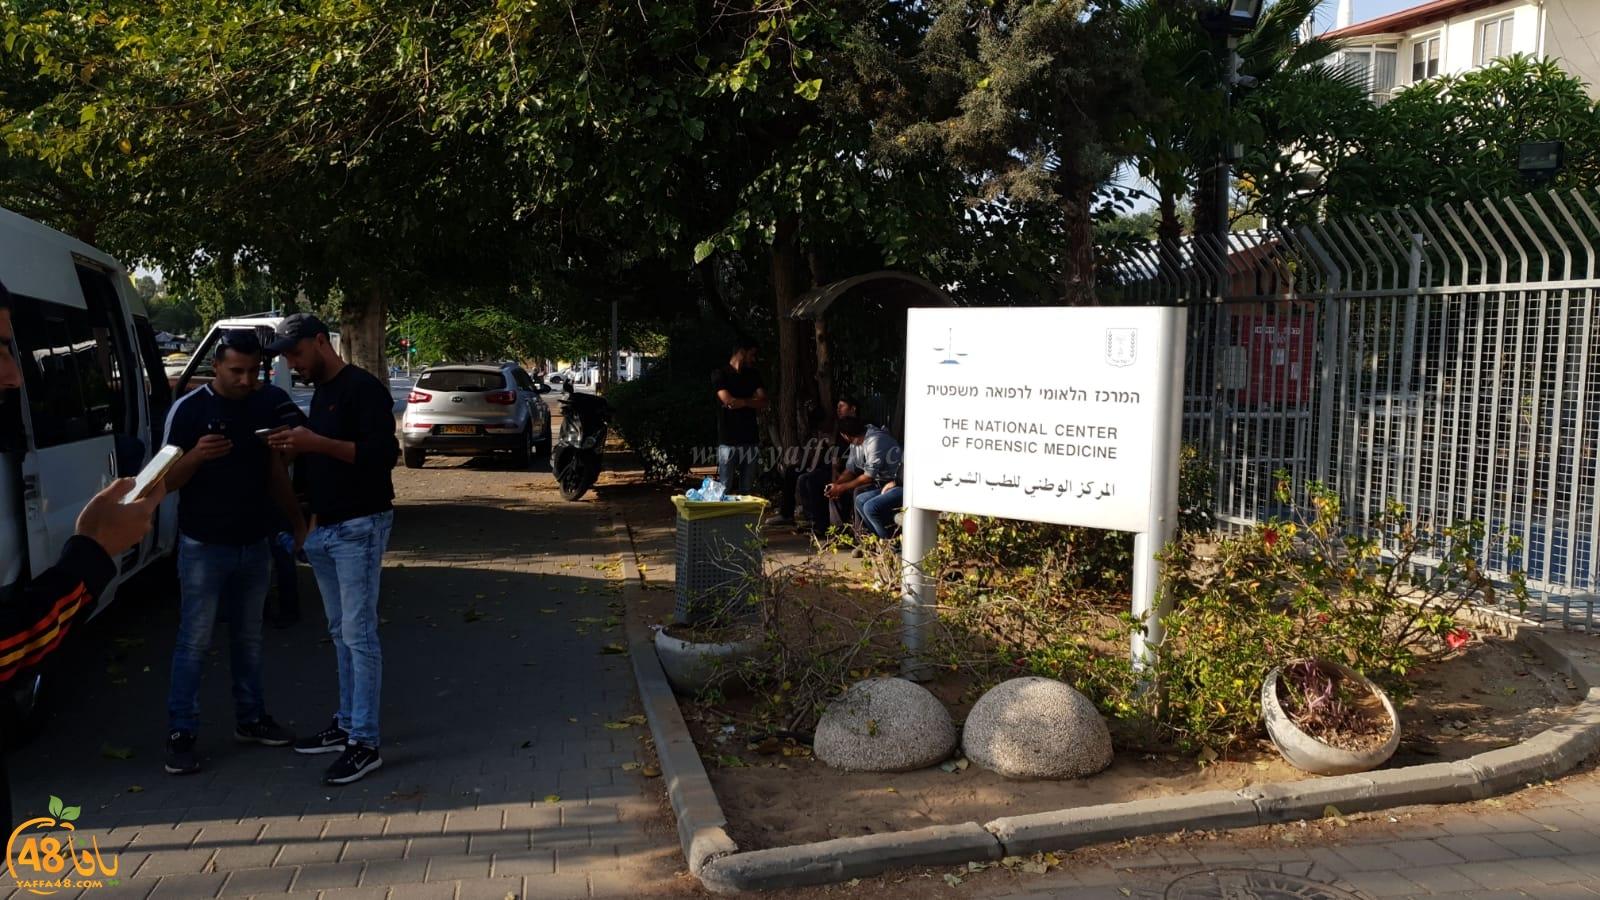 اكرام الميت من يافا تتواصل مع عائلات ضحايا الحادث المروّع لتقديم المساعدة